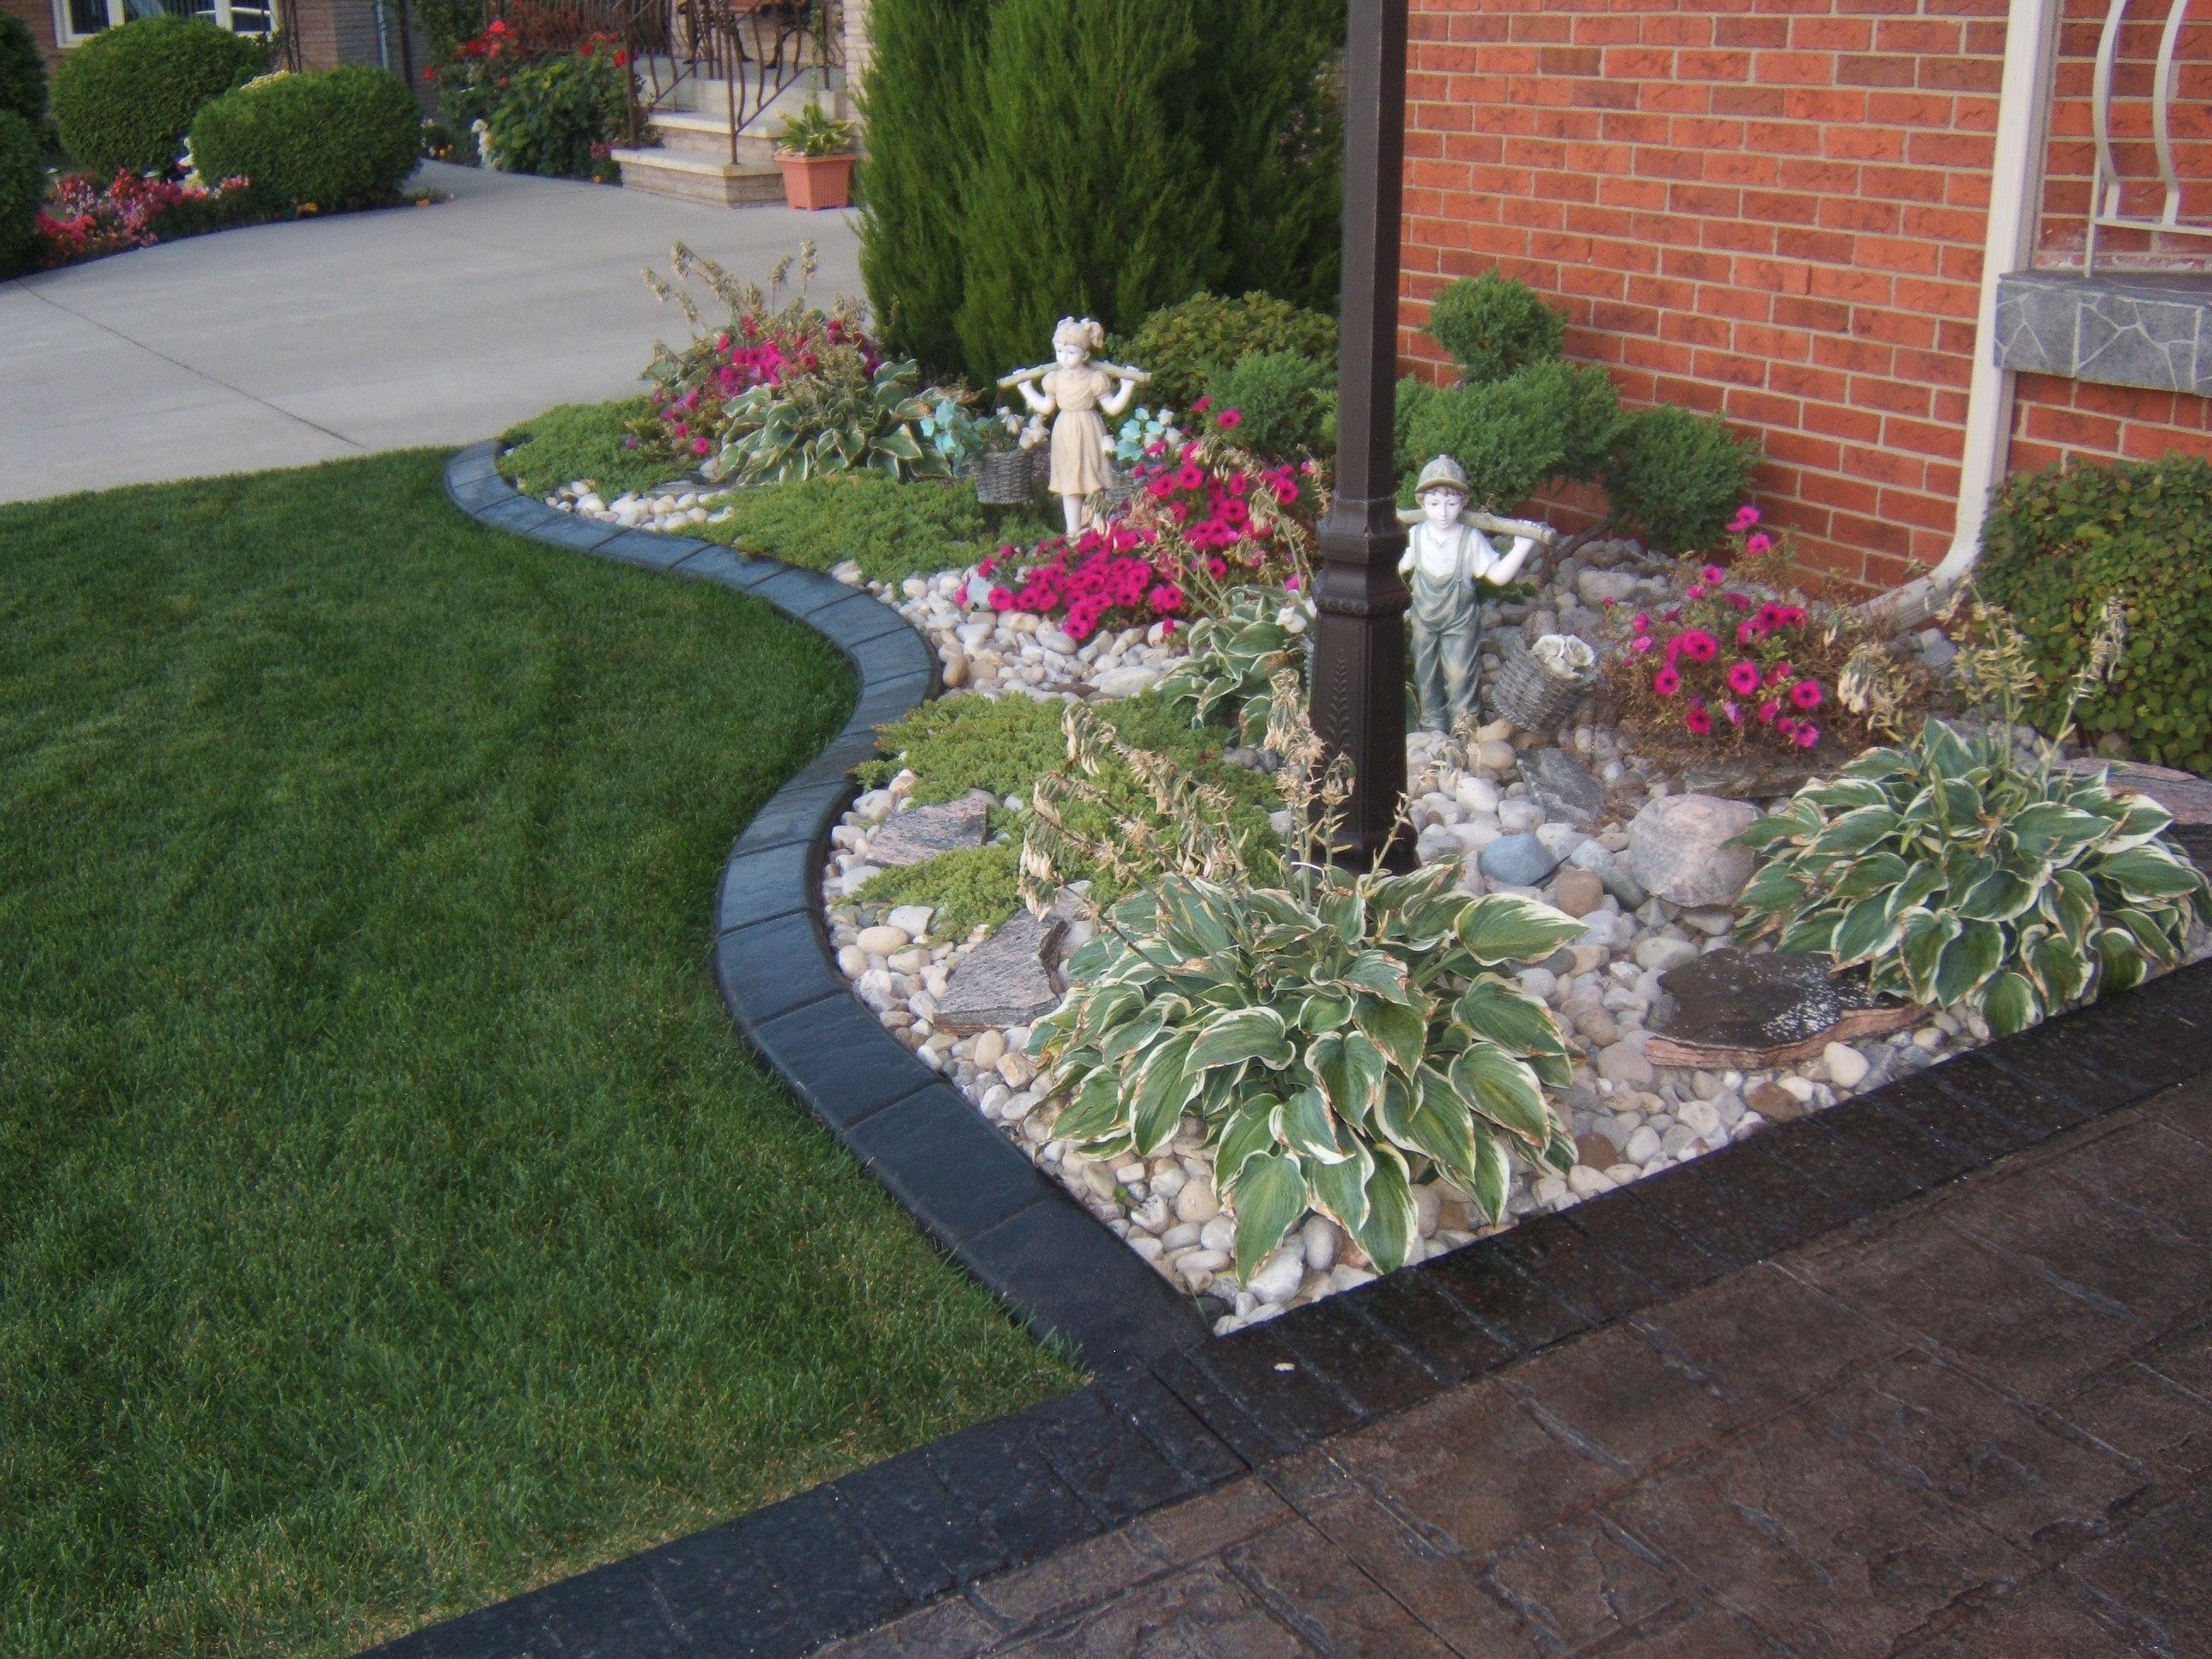 Home - Design continuous free form concrete landscape edging by kwik kerb